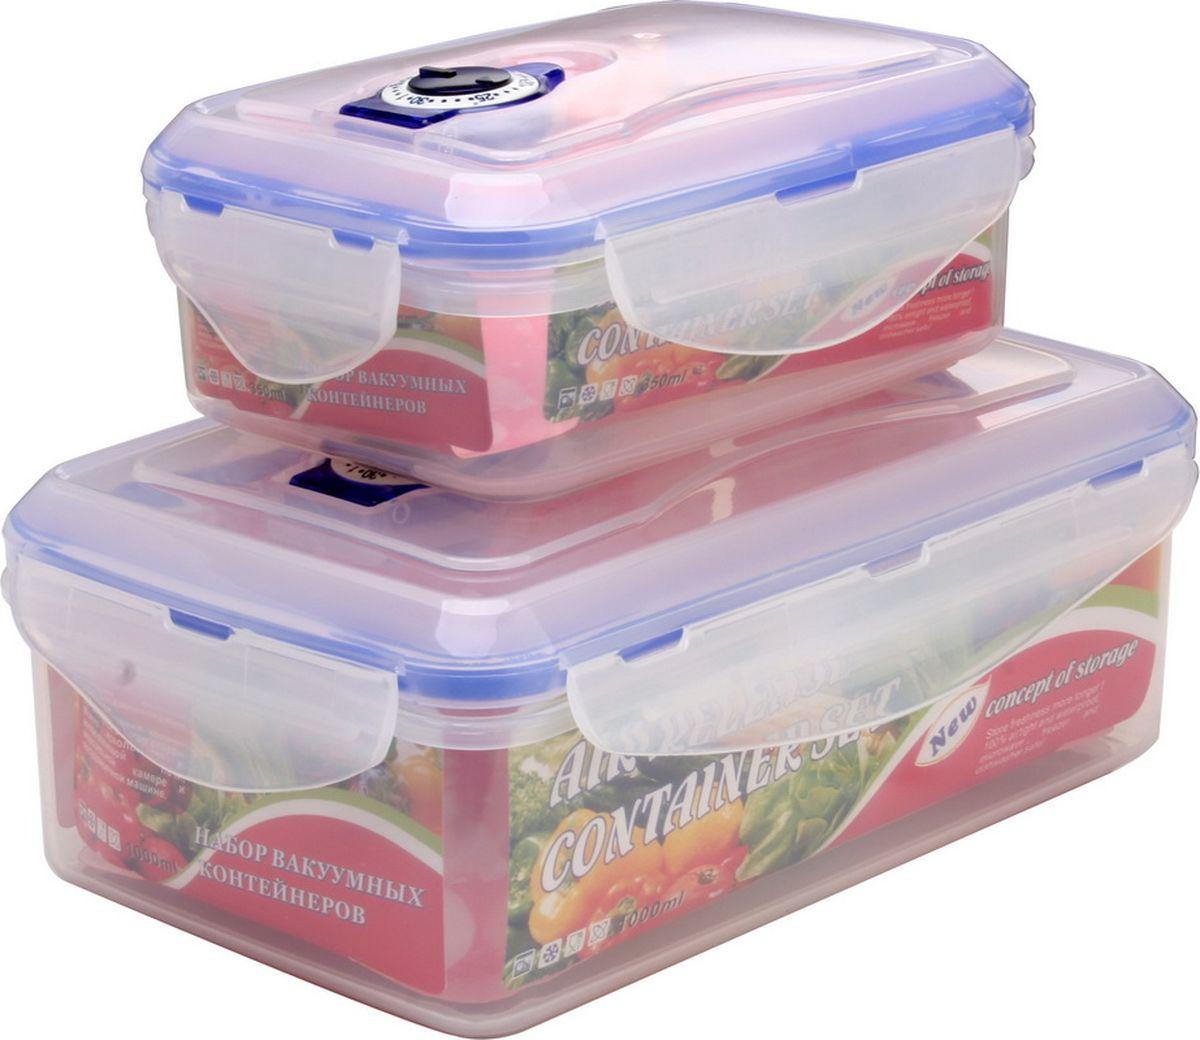 Набор контейнеров Queen Ruby, прямоугольные, 2 шт. QR-8576VAC-REC-Smaller WhiteНабор Queen Ruby состоит из двух контейнеров, которые изготовлены из высококачественногопластика. Изделие идеально подходит не только для хранения, но и для транспортировки пищи.Контейнеры оснащены плотно закрывающимися пластмассовыми крышками.Выдерживают температуру от -20°С до +120°С.Можно использовать в СВЧ-печах, холодильниках и морозильных камерах. Можно мыть впосудомоечной машине.Размеры контейнеров: 20 х 13 х 8 см; 14,7 х 10,3 х 6 см. Объем контейнеров: 1000 мл, 350 мл.